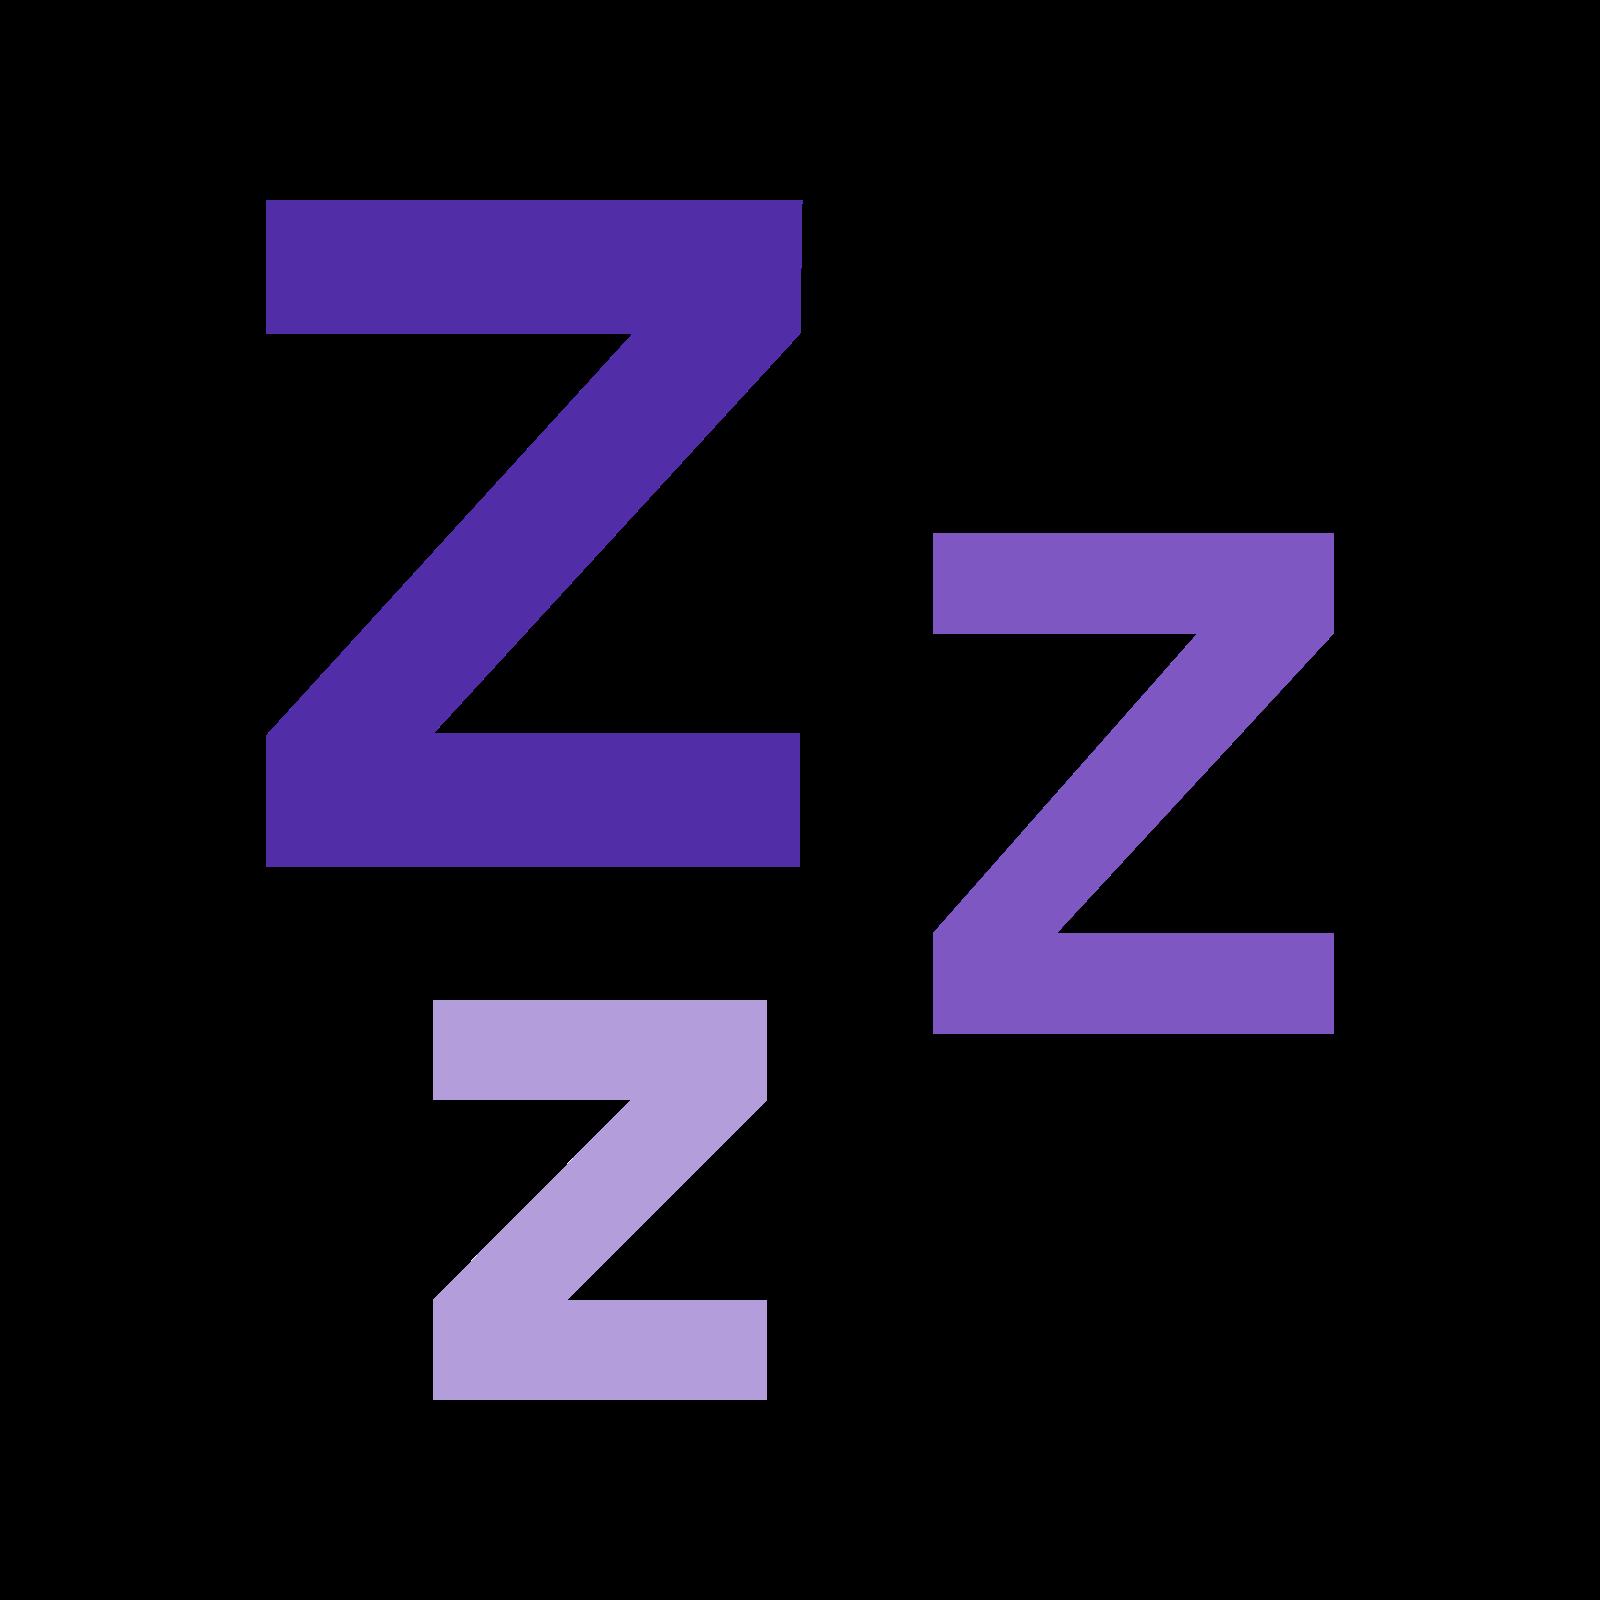 Dormir icon